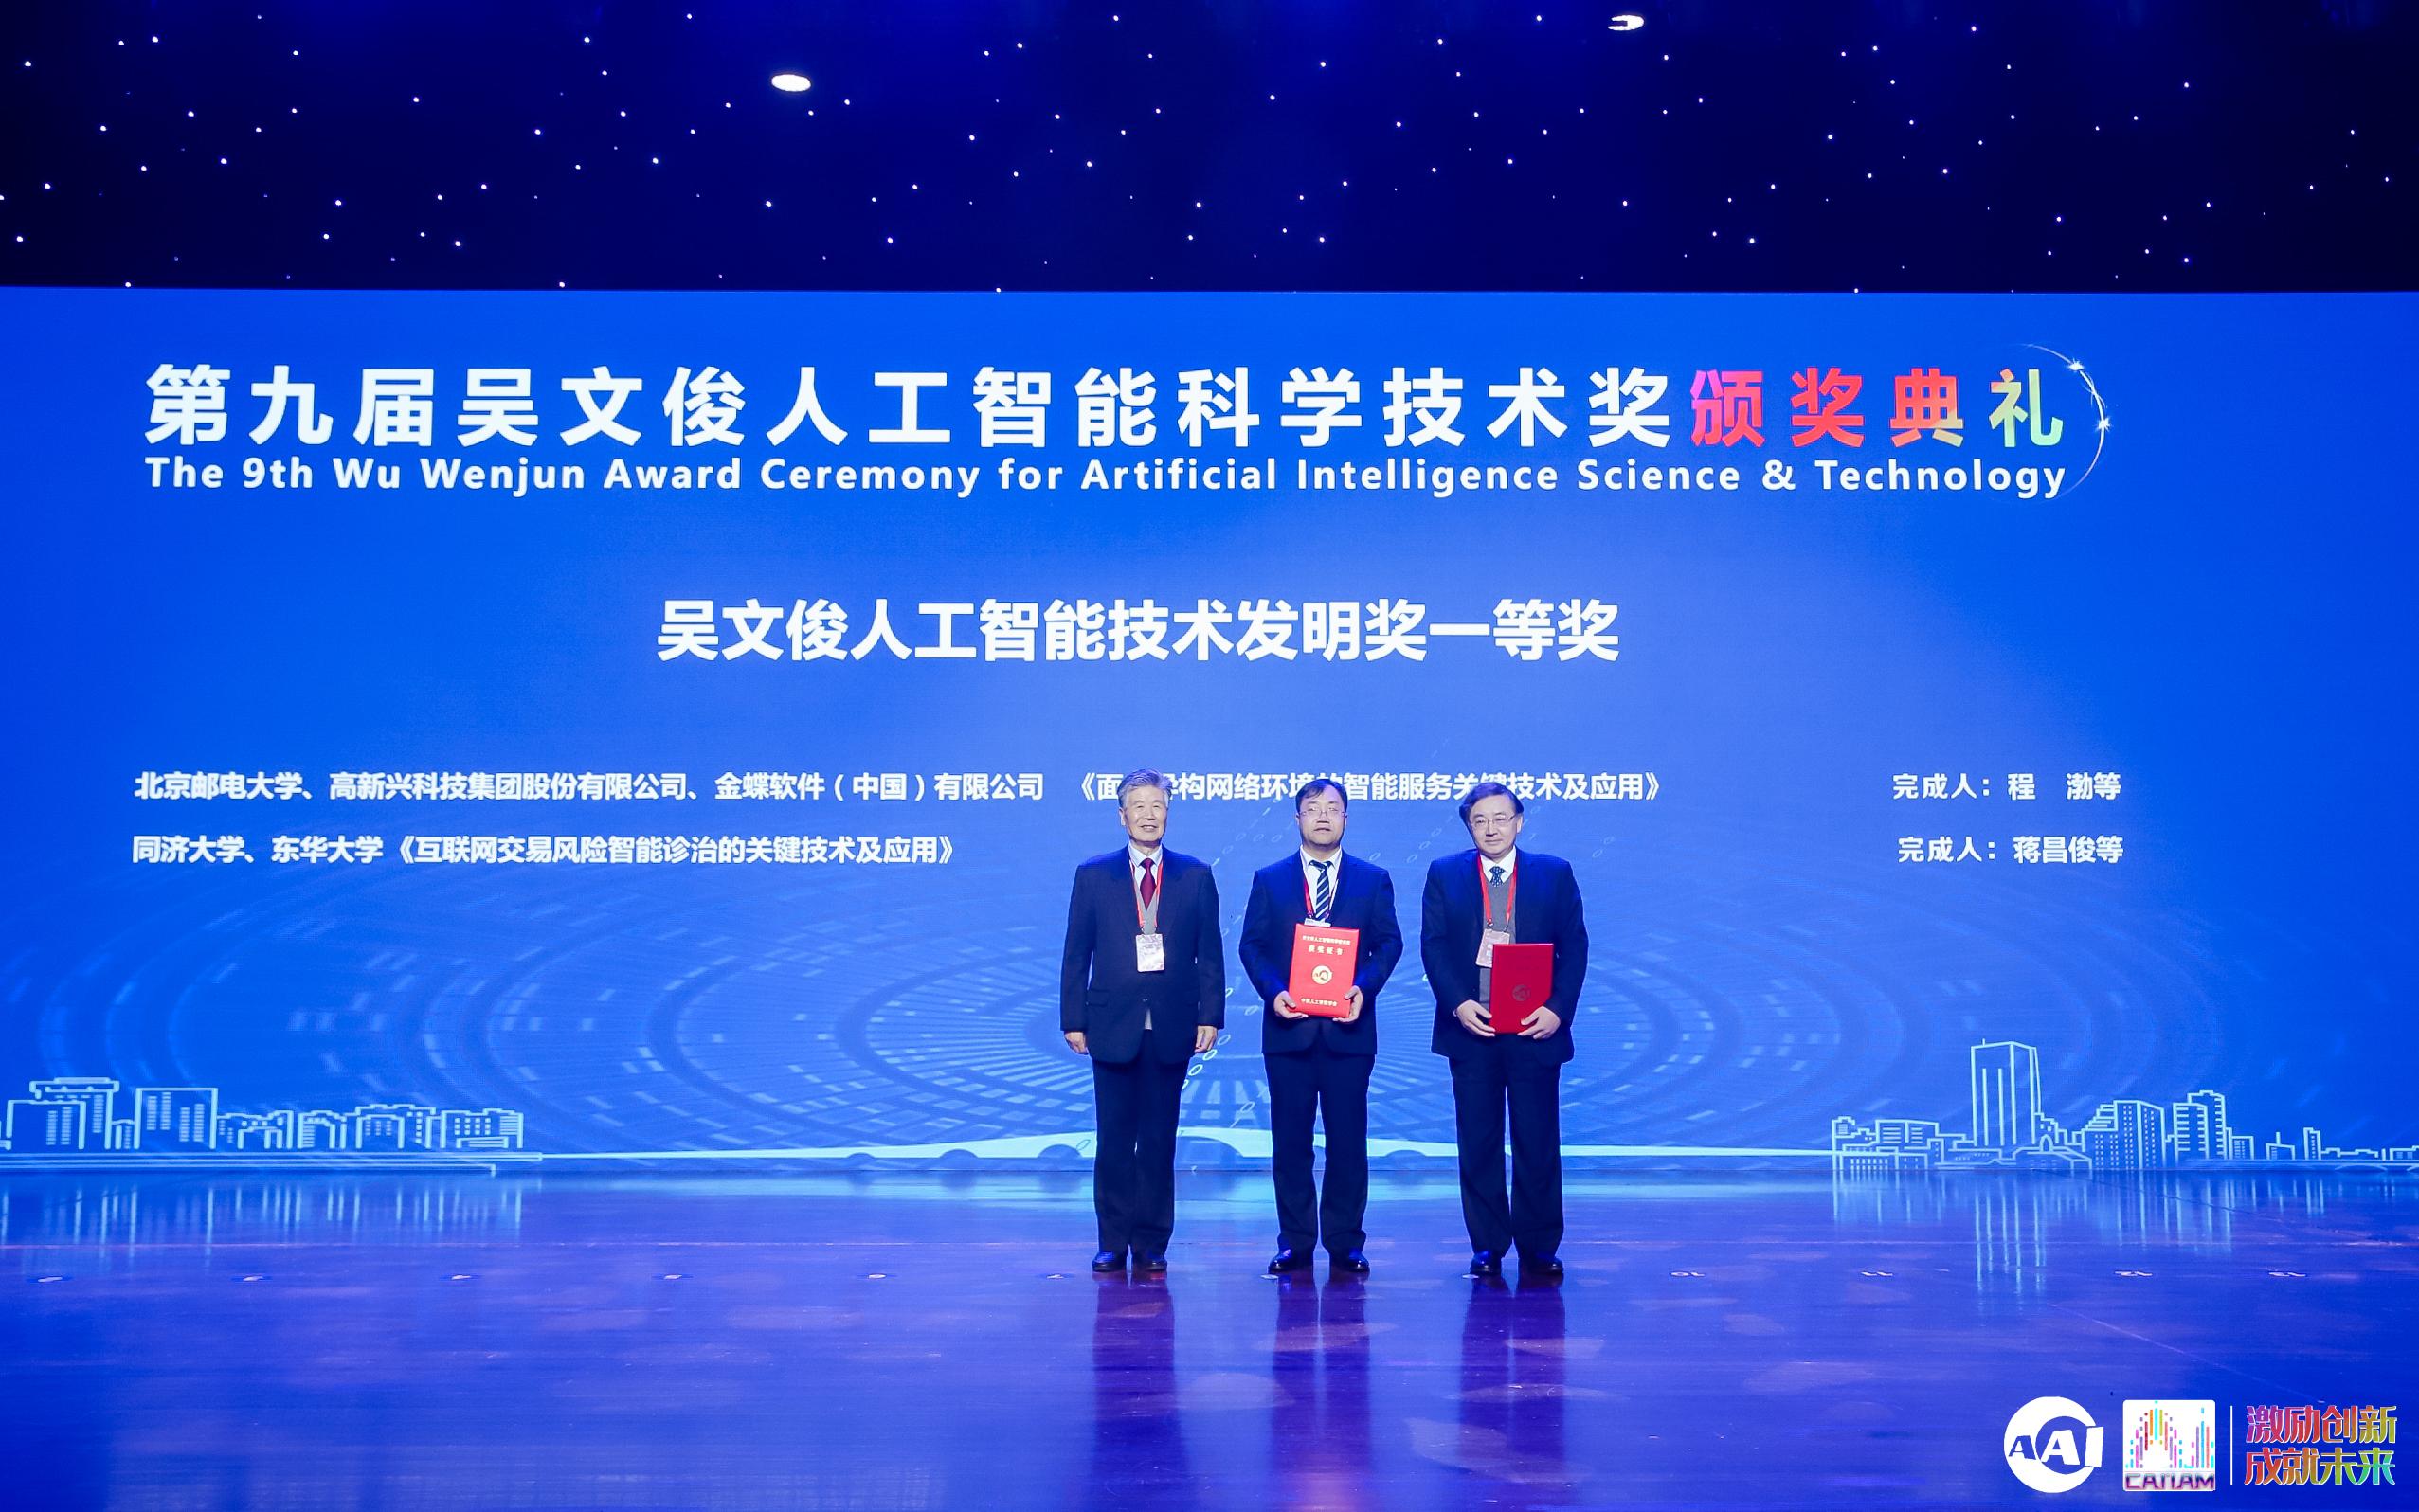 祝贺我校五项科技成果荣获第九届吴文俊人工智能科技奖